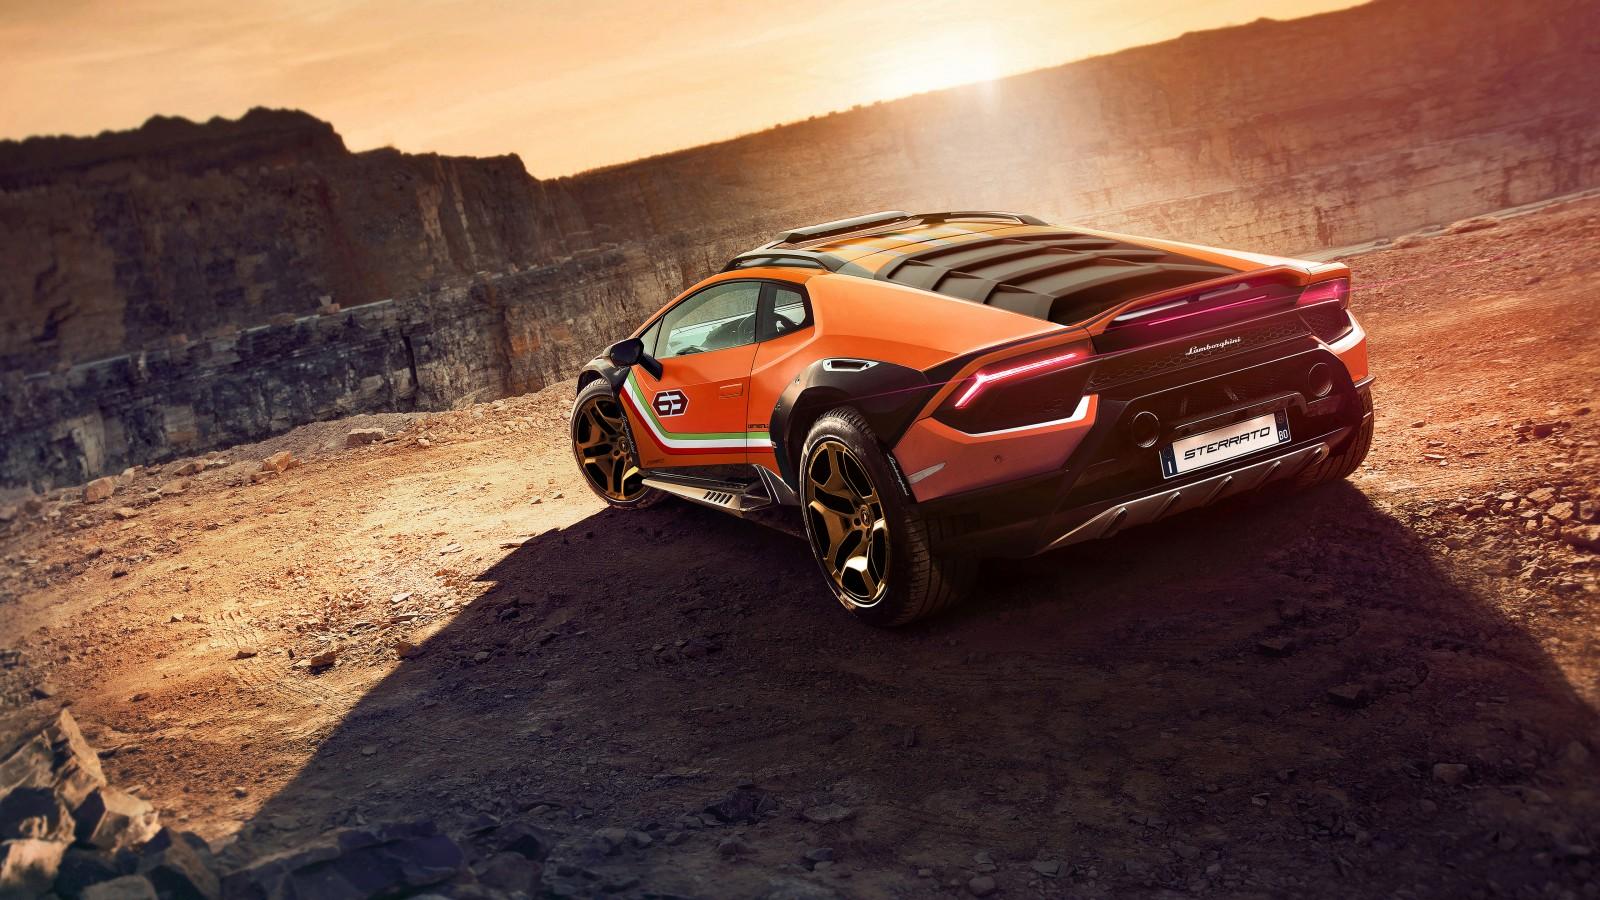 Lamborghini Huracan Sterrato Concept 2019 5K 3 Wallpaper ...